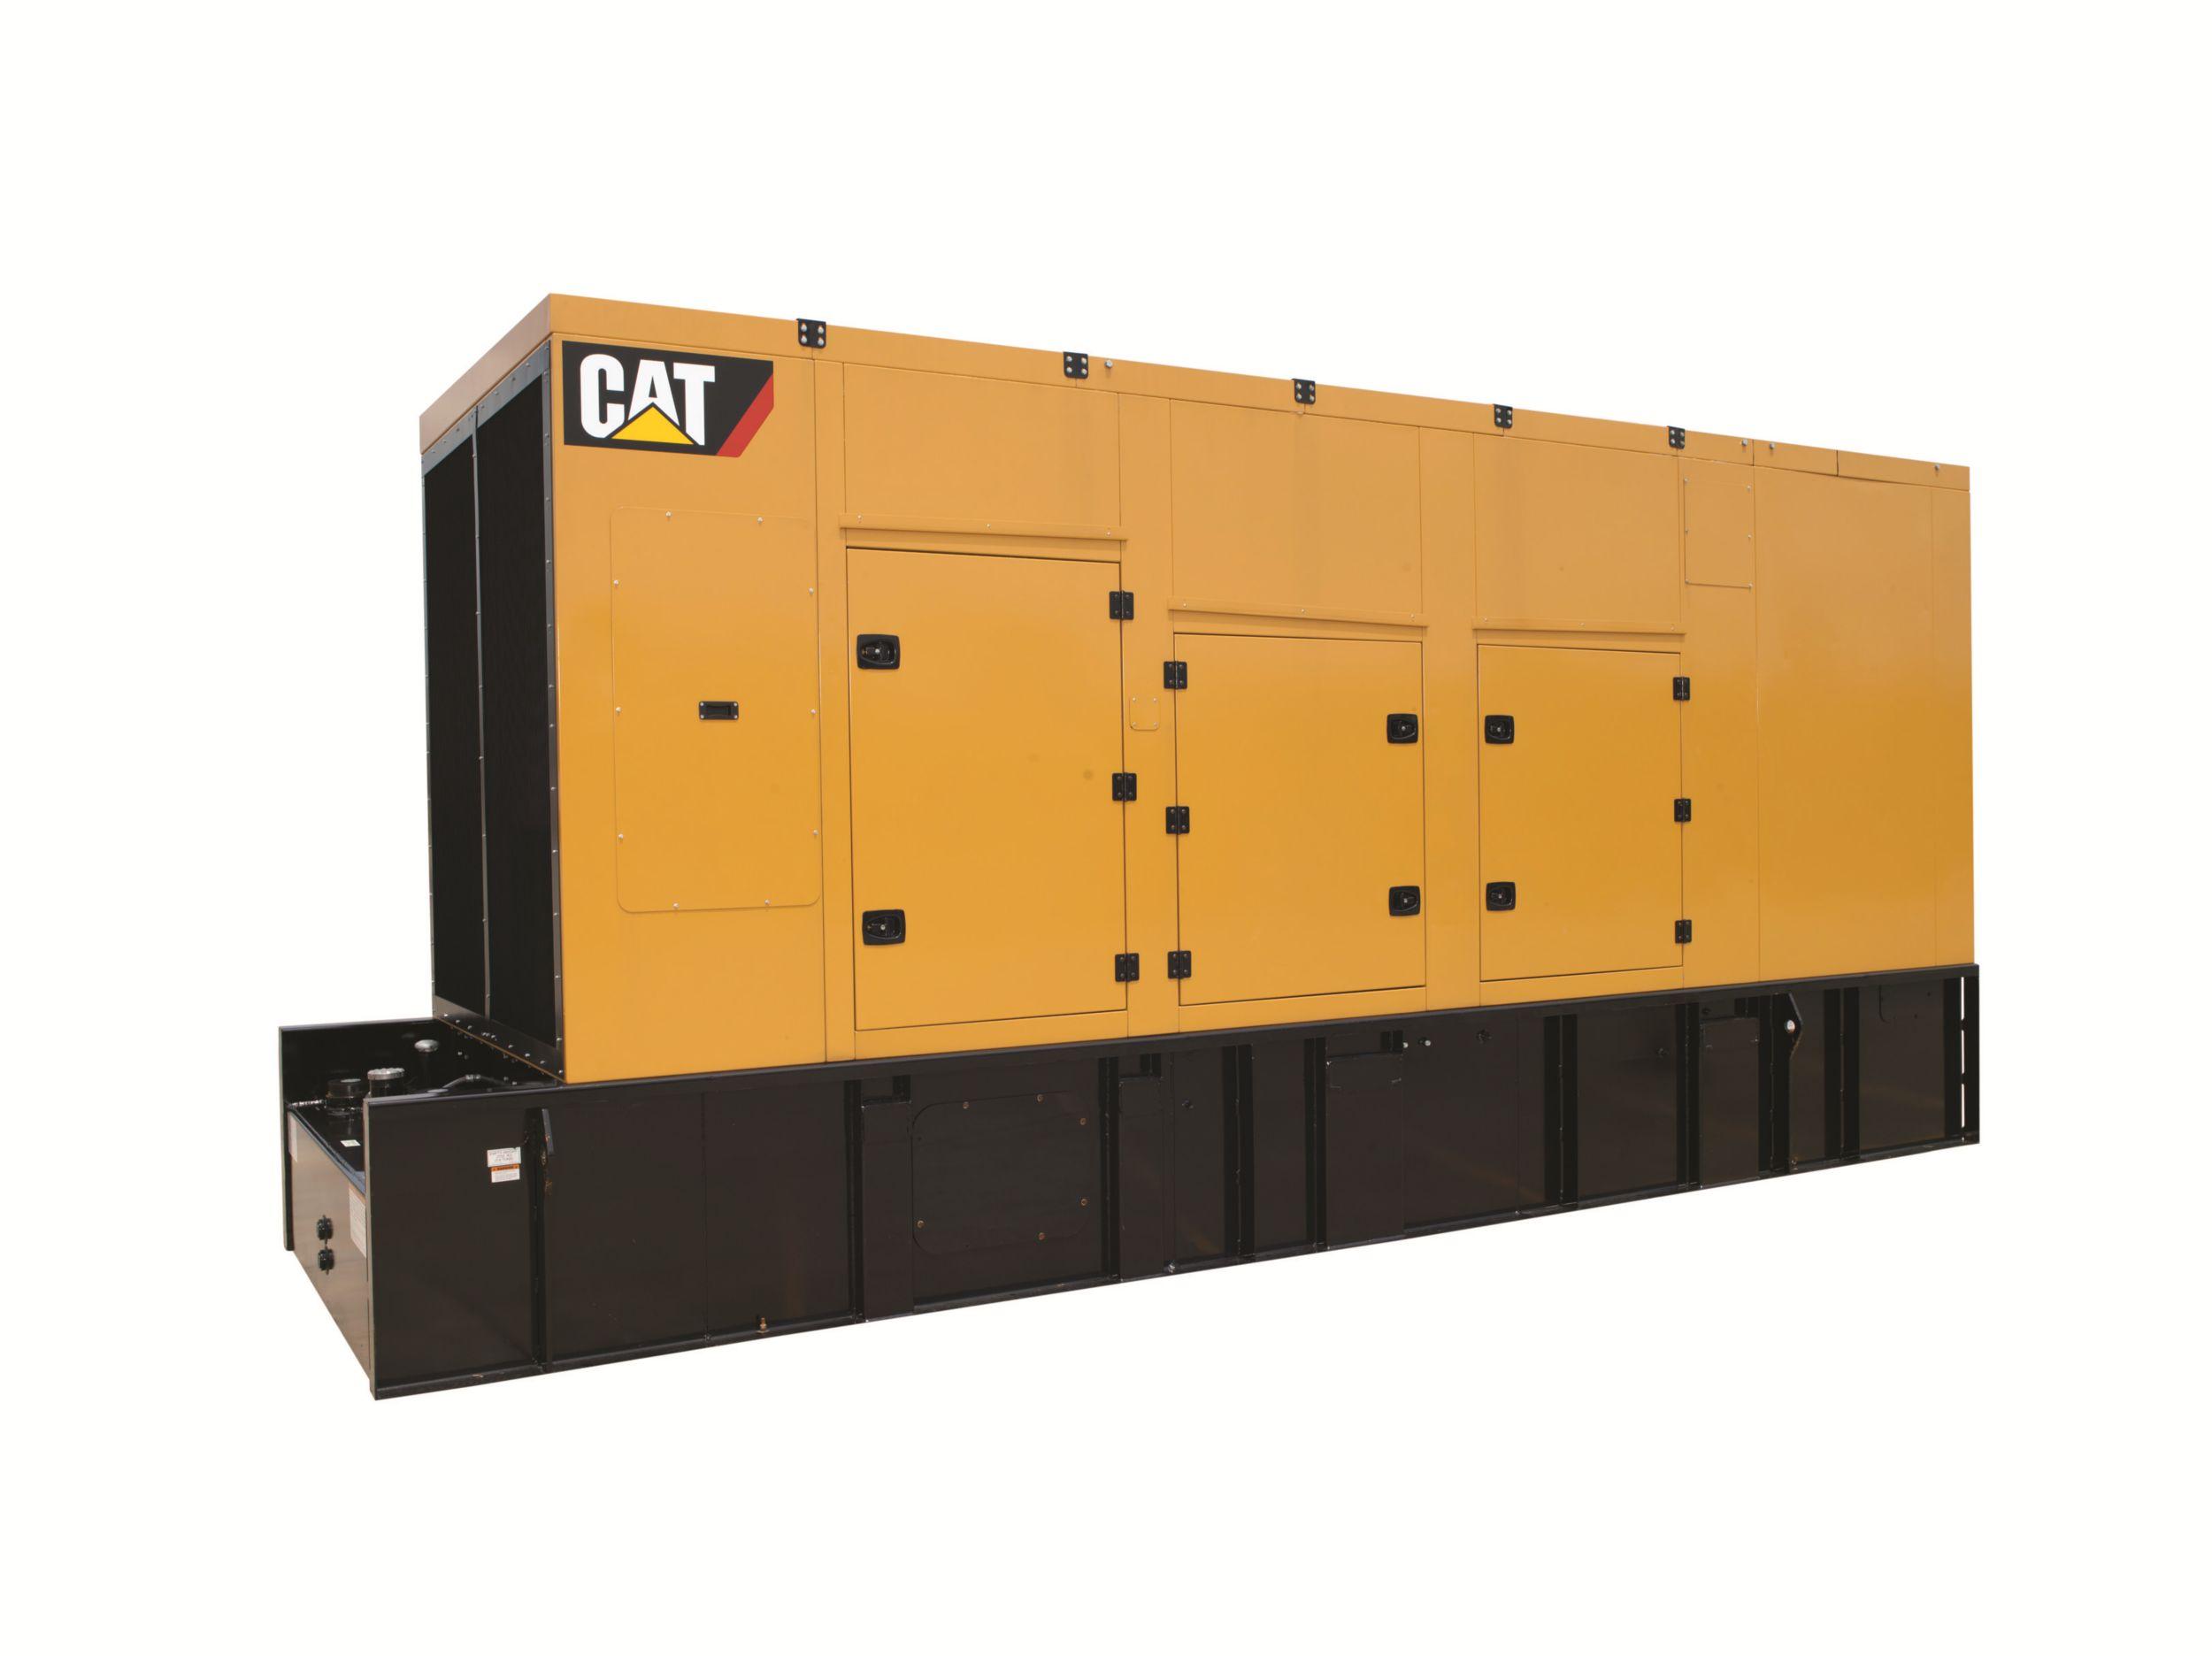 Fotografía del Generator Set Enclosures